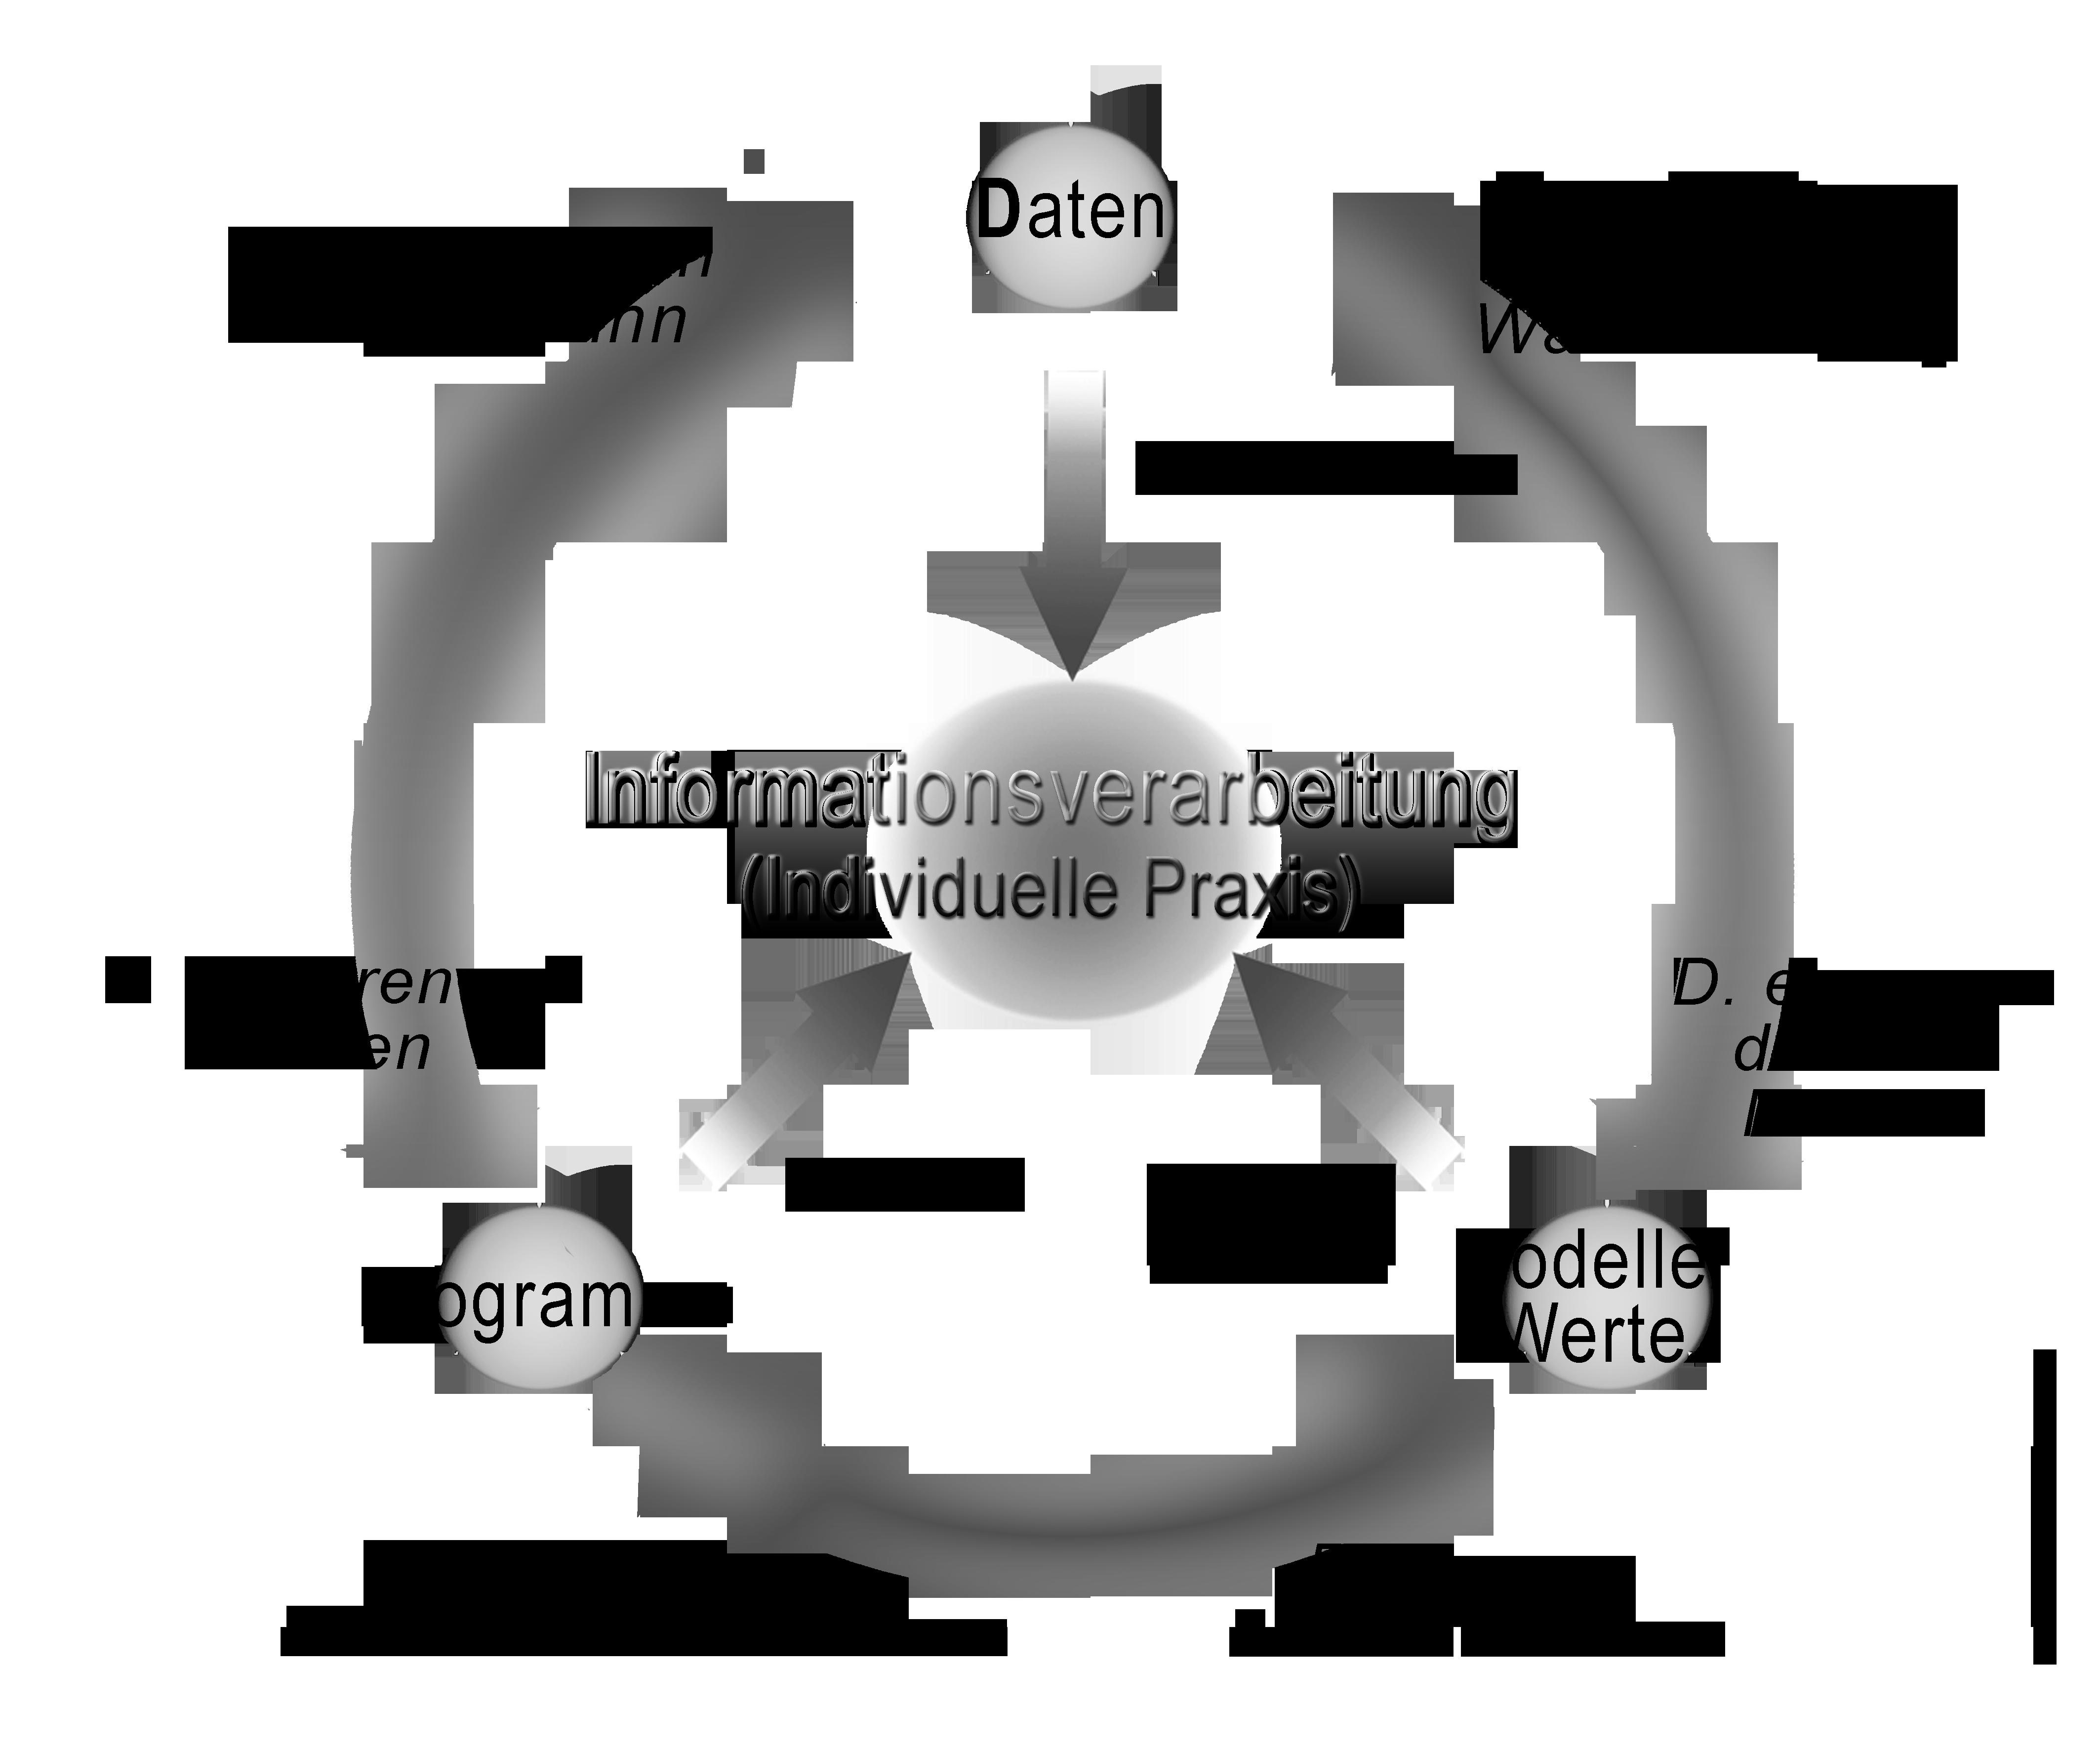 Informationstypologie nach den Praktiken